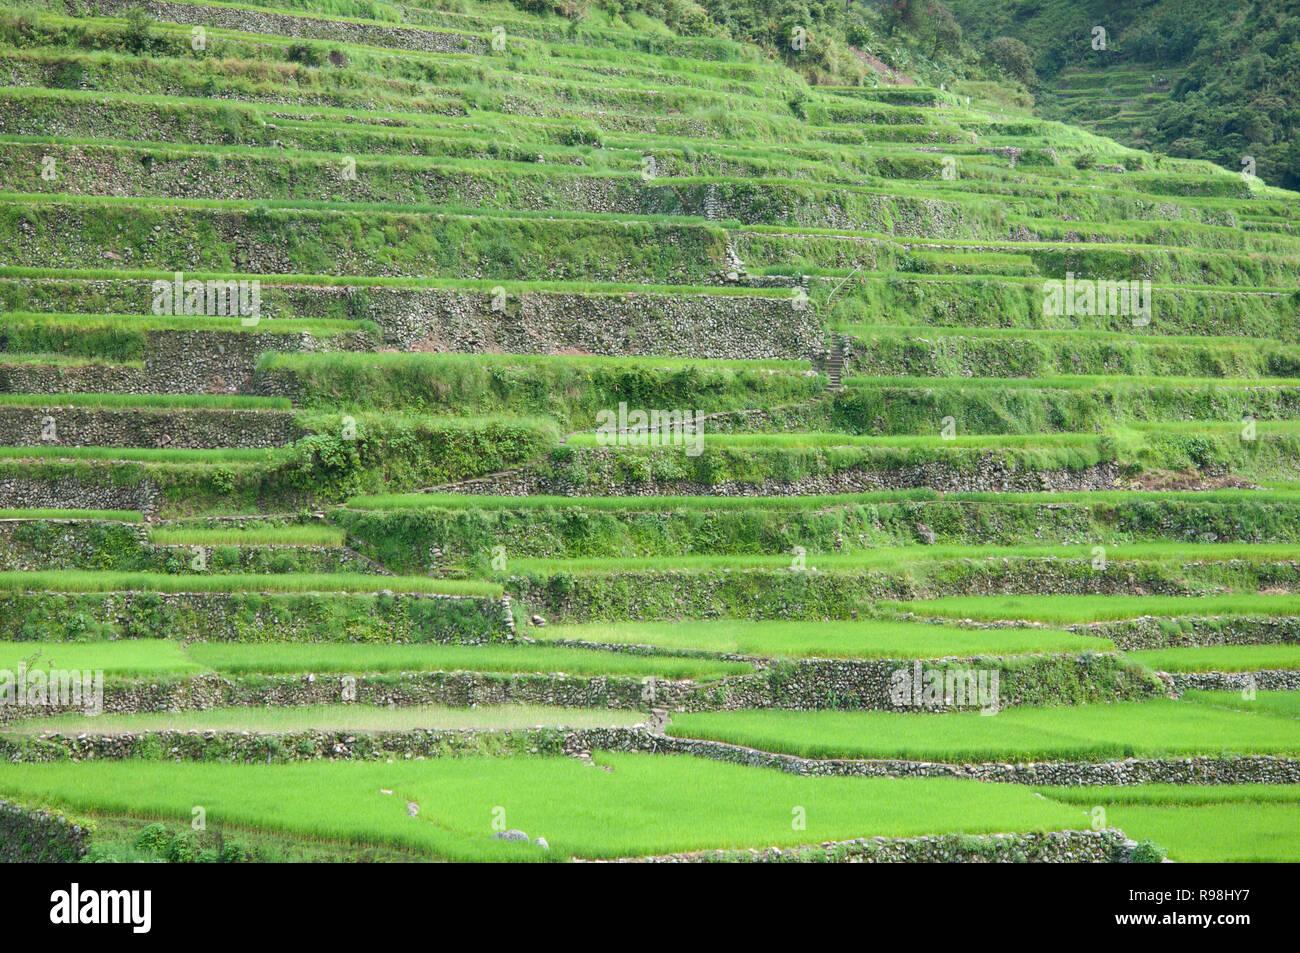 Bontoc Rice Terraces, Mountain Region, Luzon, Philippines, Asia, South Asia Stock Photo